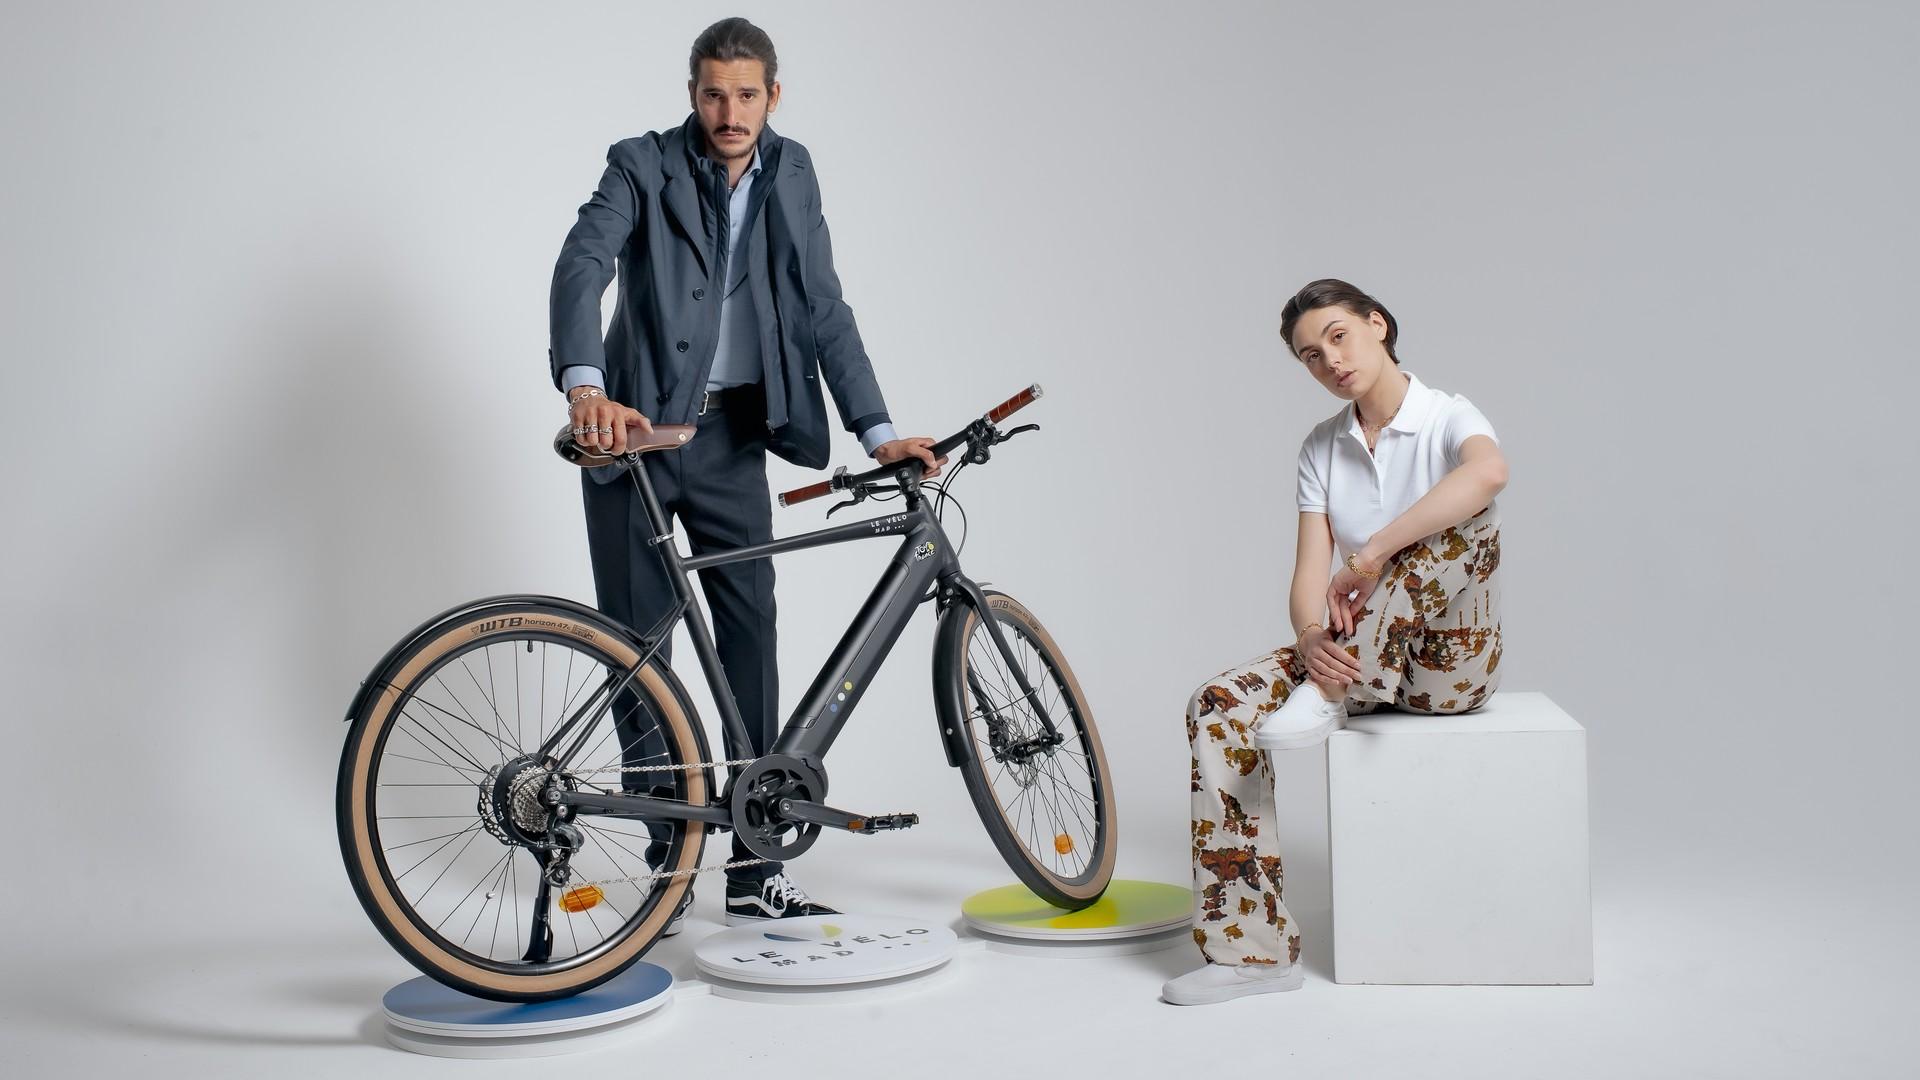 Vélo Mad x Tour de France 2021